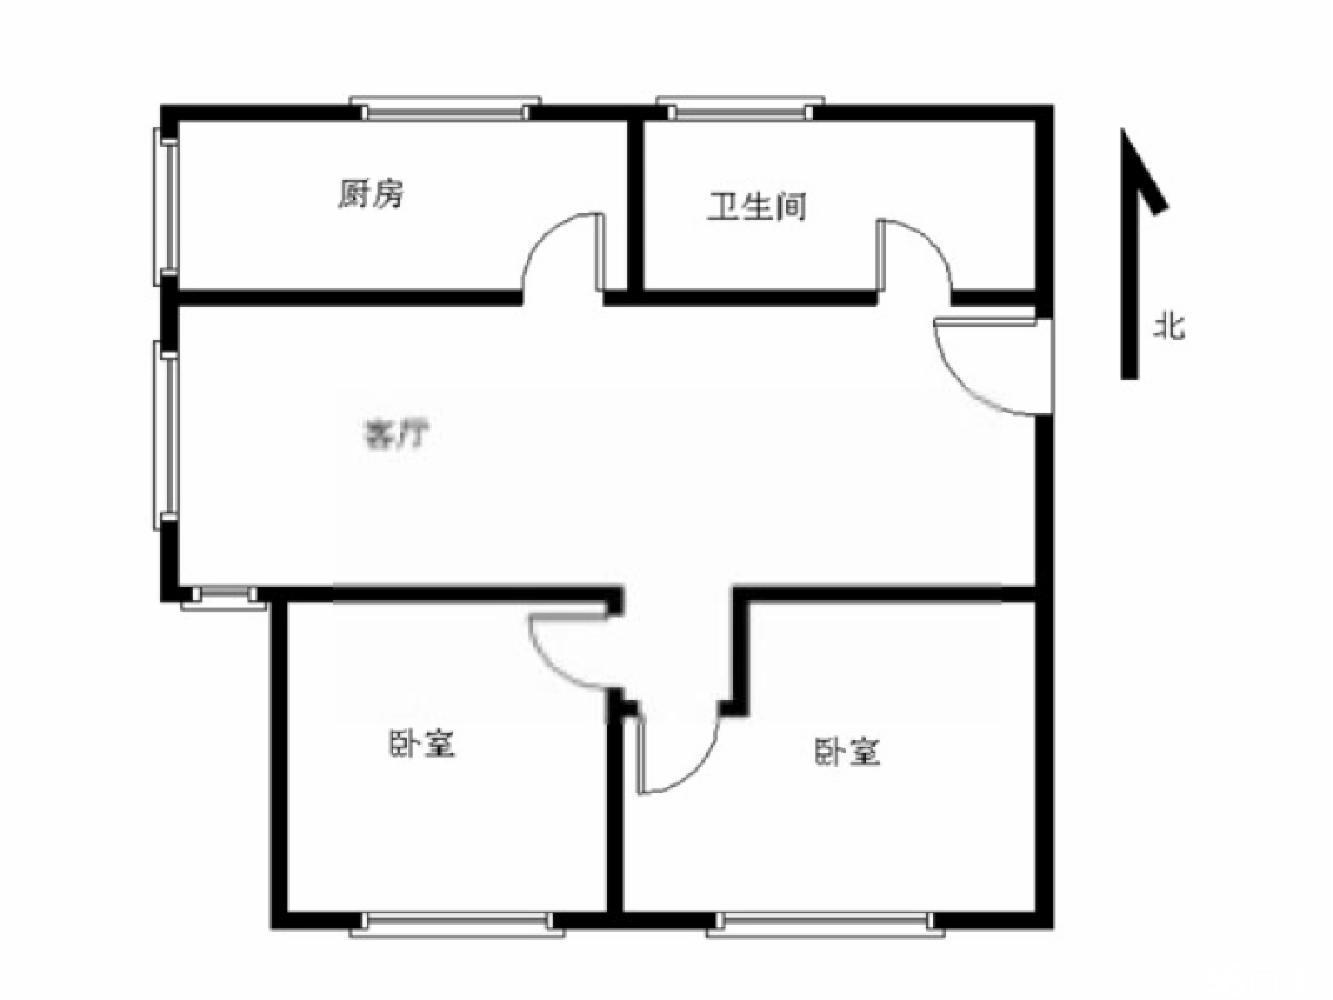 秦淮区瑞金路瑞金新村2室1厅户型图